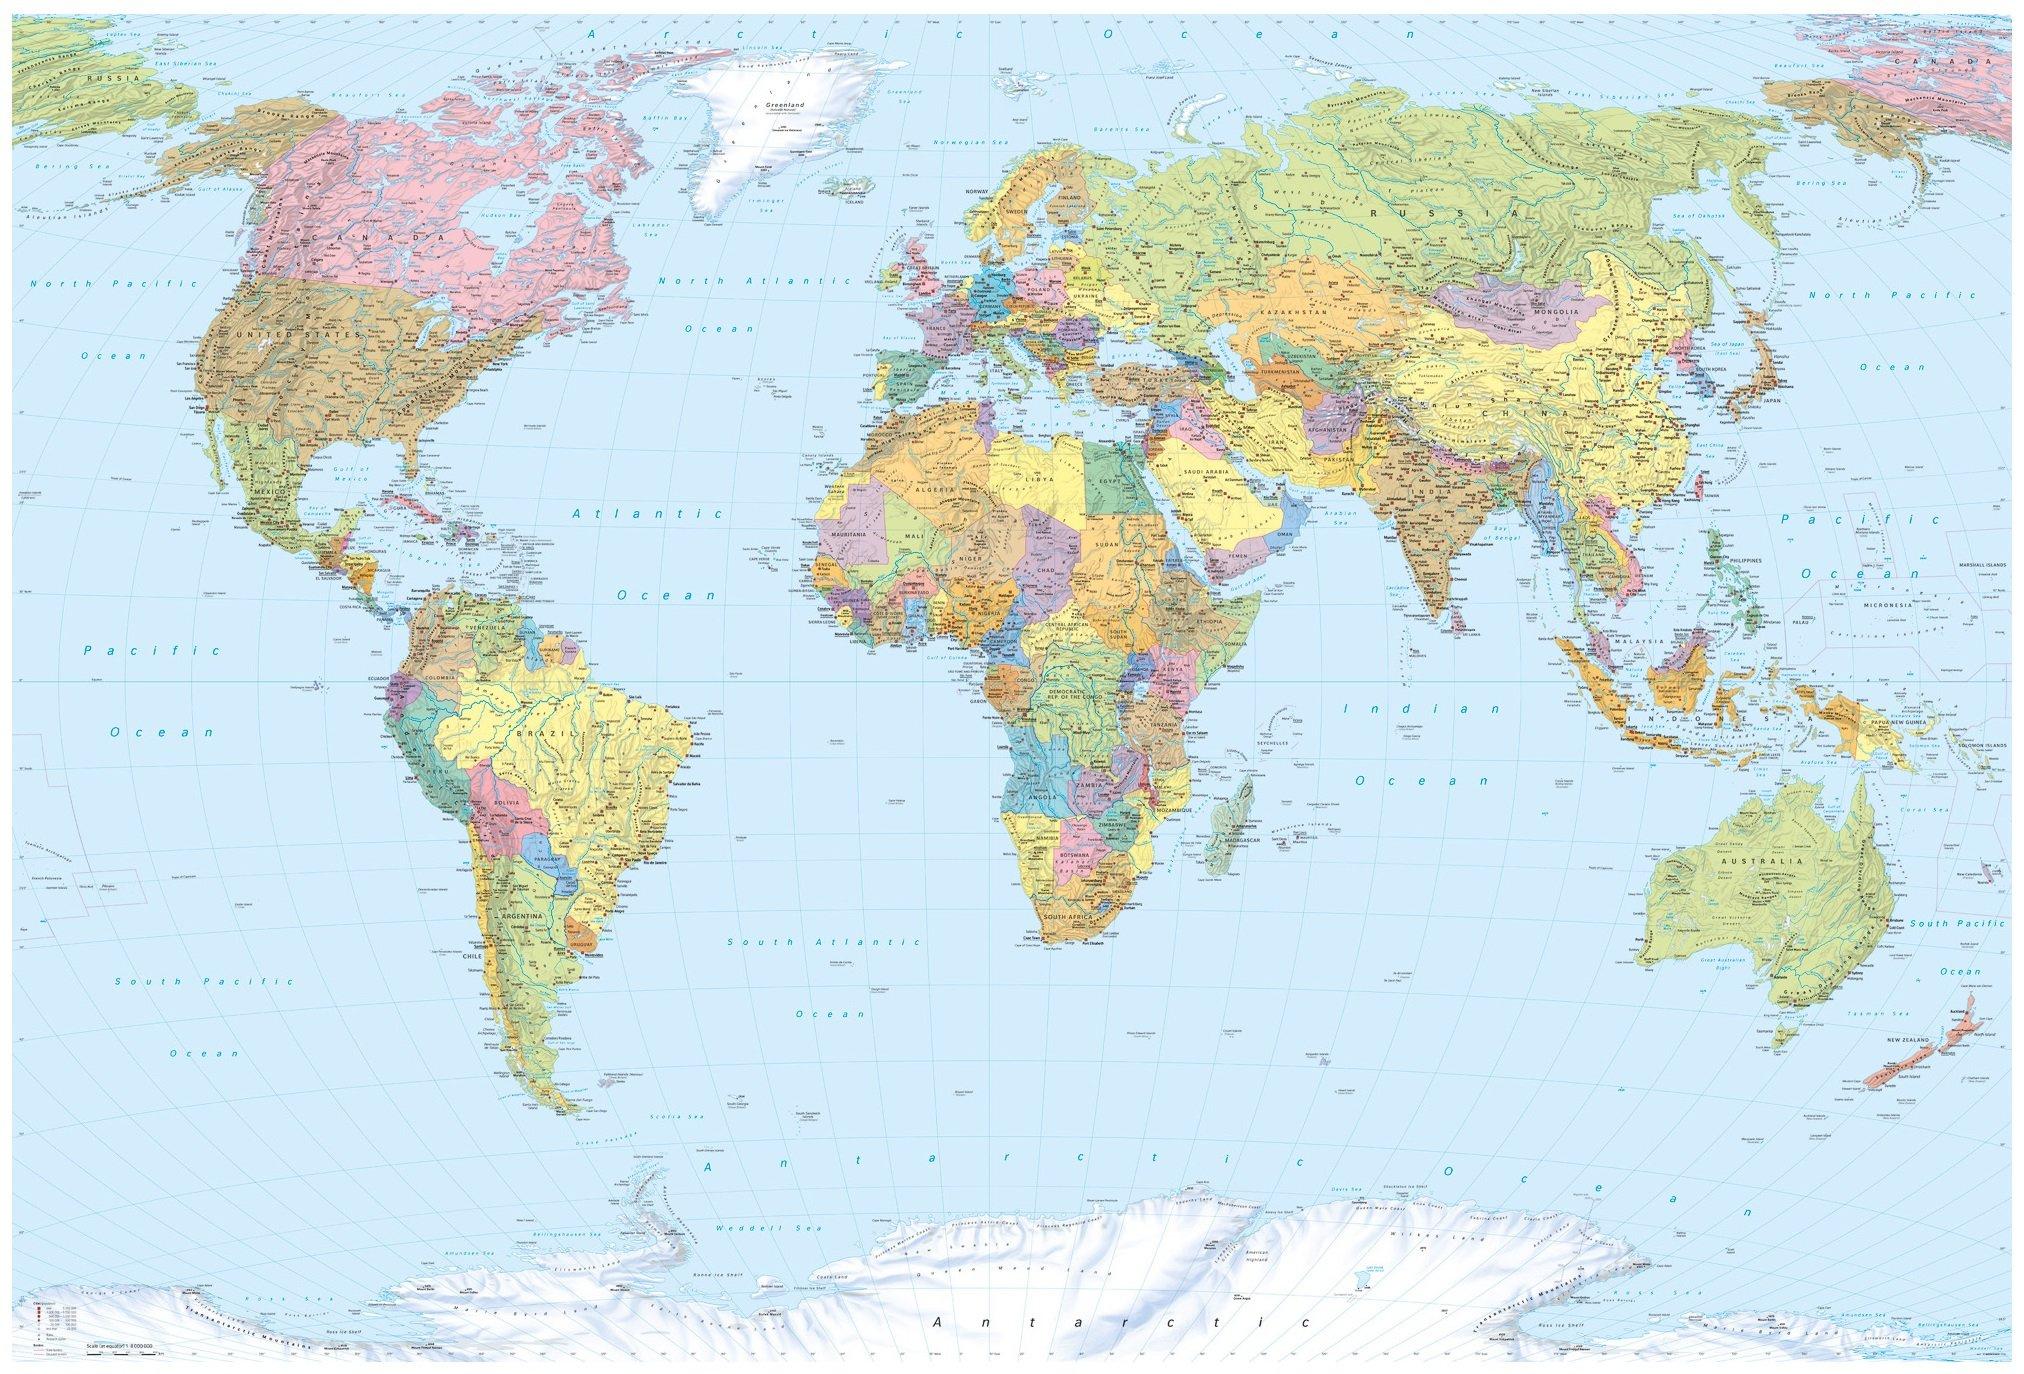 Fototapeta mapa świata mapy fototapety